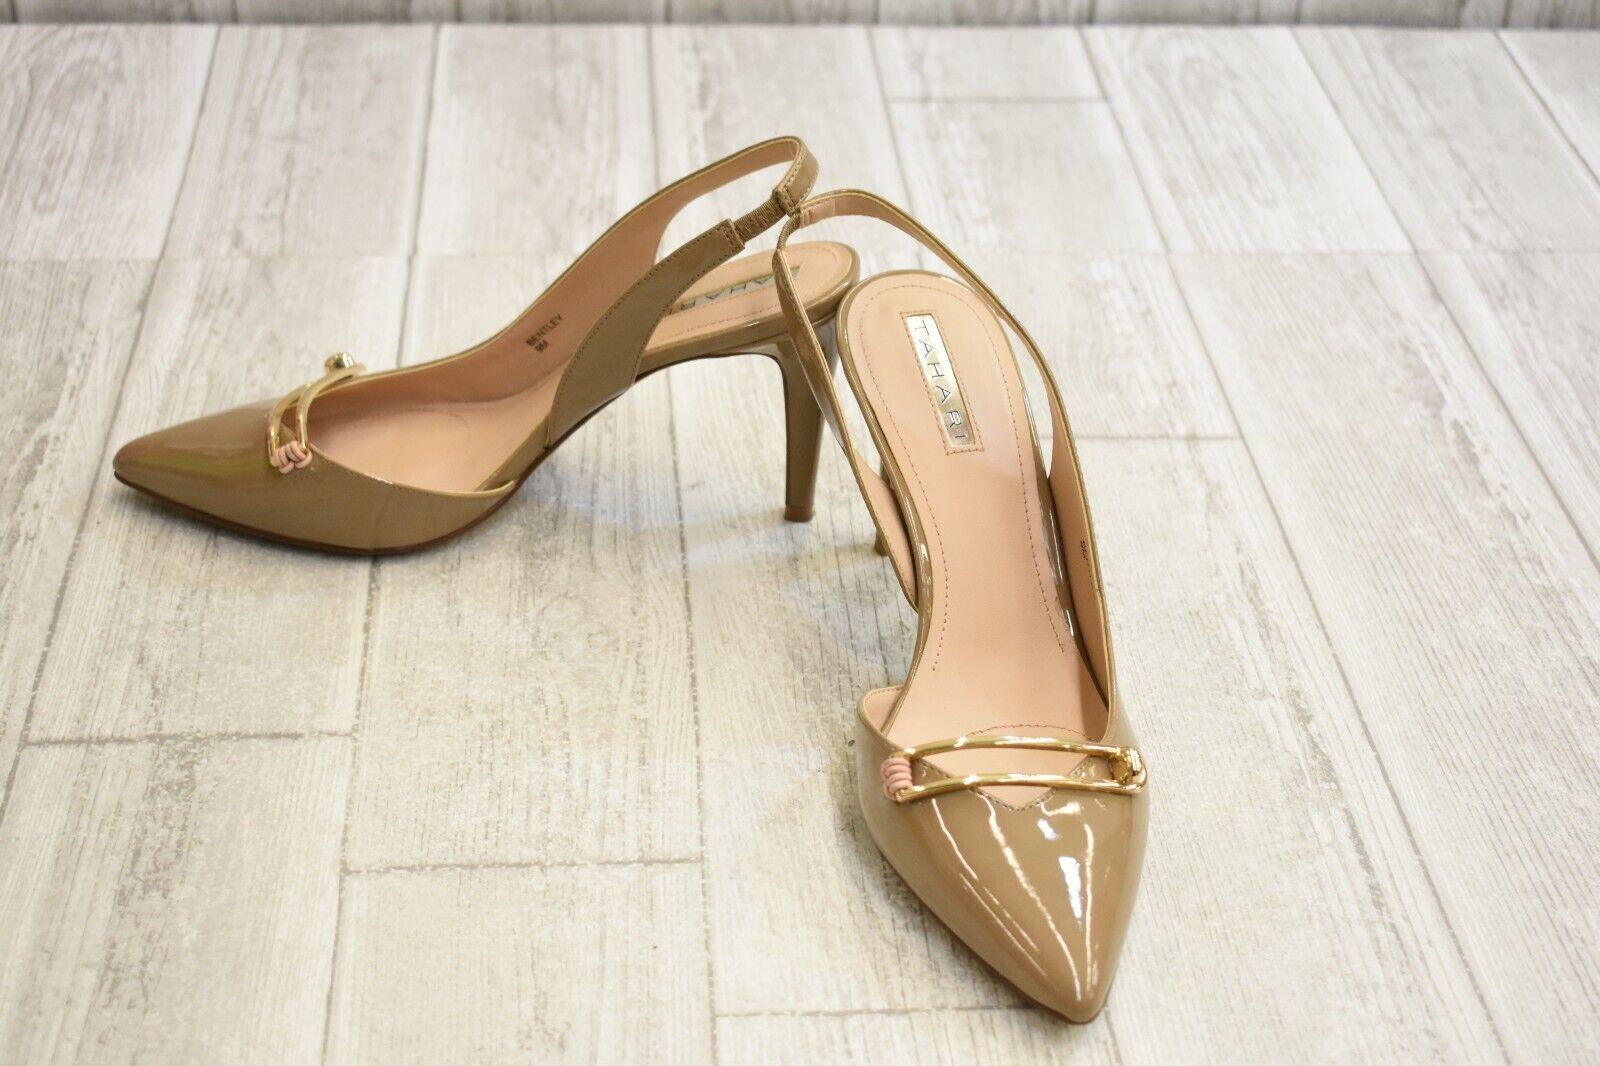 Tahari Bentley Slingback Heels - Women's Size 9 M - Taupe